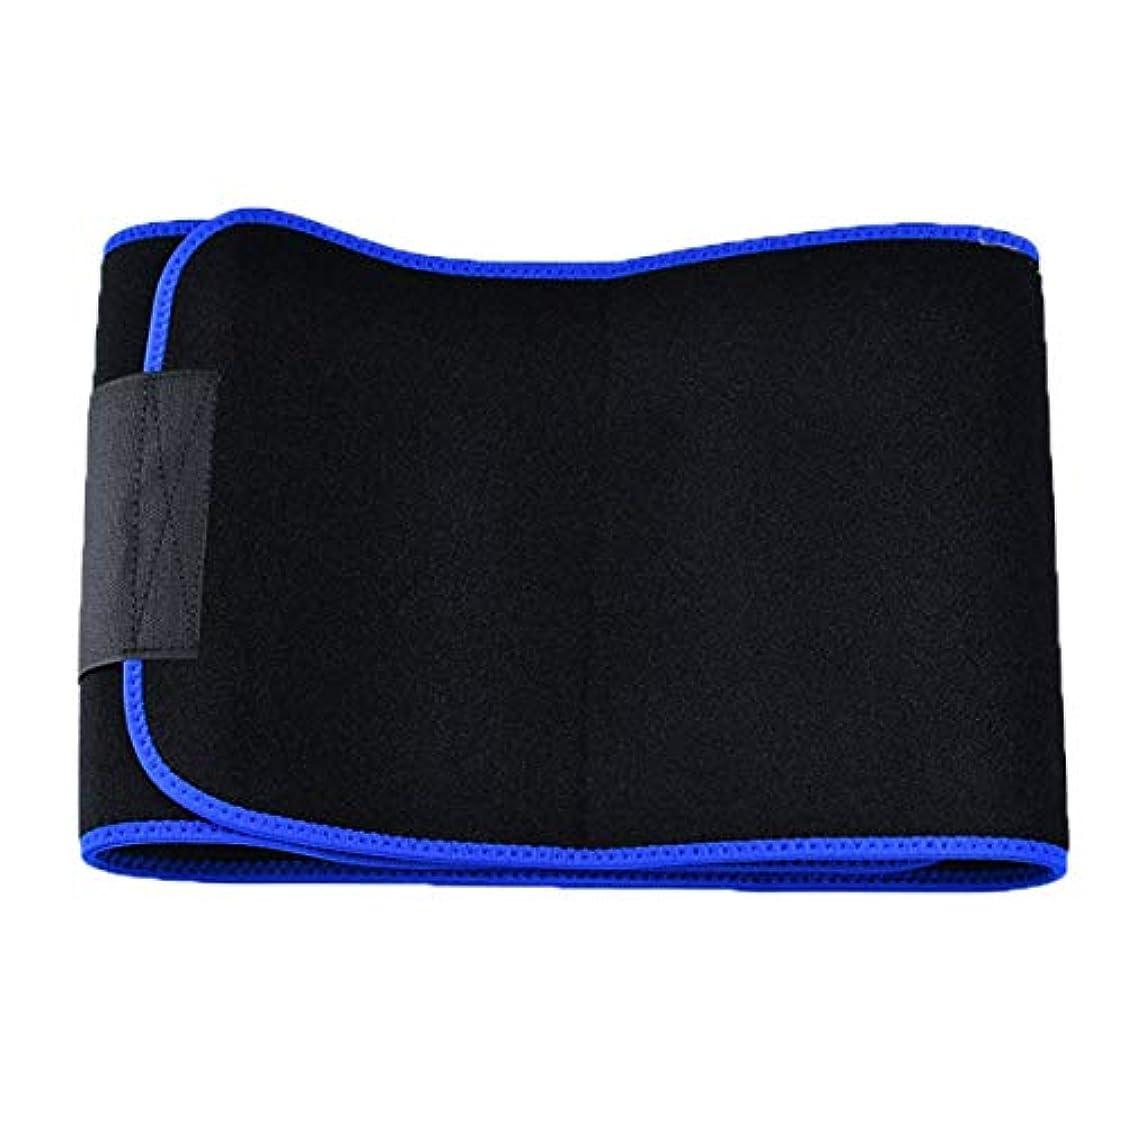 手を差し伸べる修理可能把握腹部プラスチックベルトウエストサポートボディシェイパートレーニングコルセット痩身ウエストベルトスリム汗スポーツ保護具